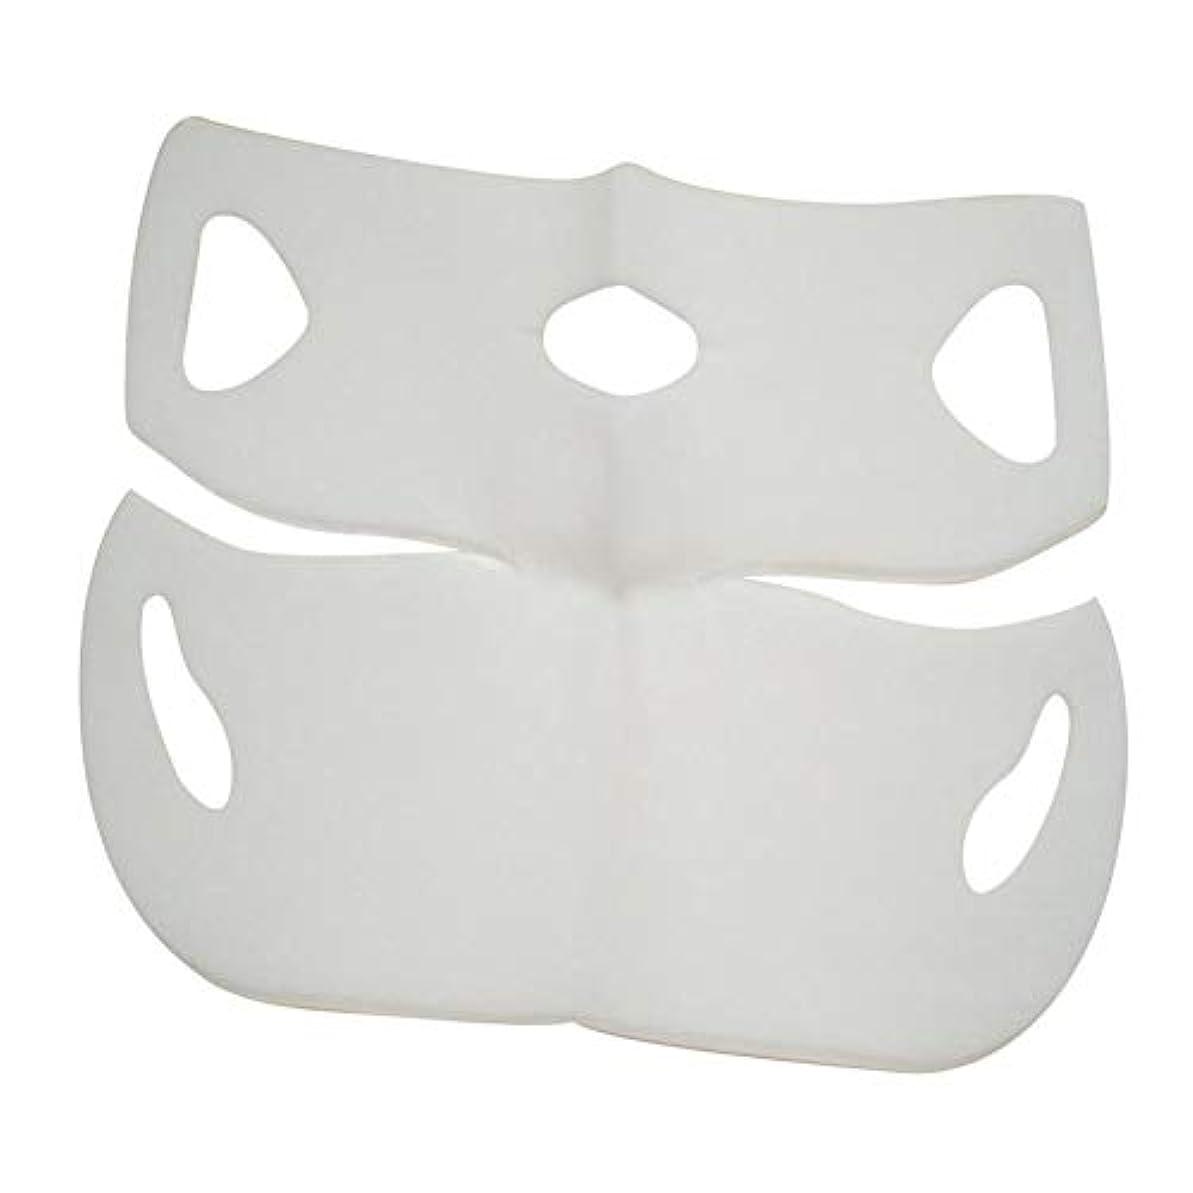 全体法律とにかくSILUN 最新型 4D Vフェイシャルマスク フェイスマスク 小顔 マスク フェイスラインベルト 美顔 顔痩せ 肌ケア 保湿 毛細血管収縮 睡眠マスク